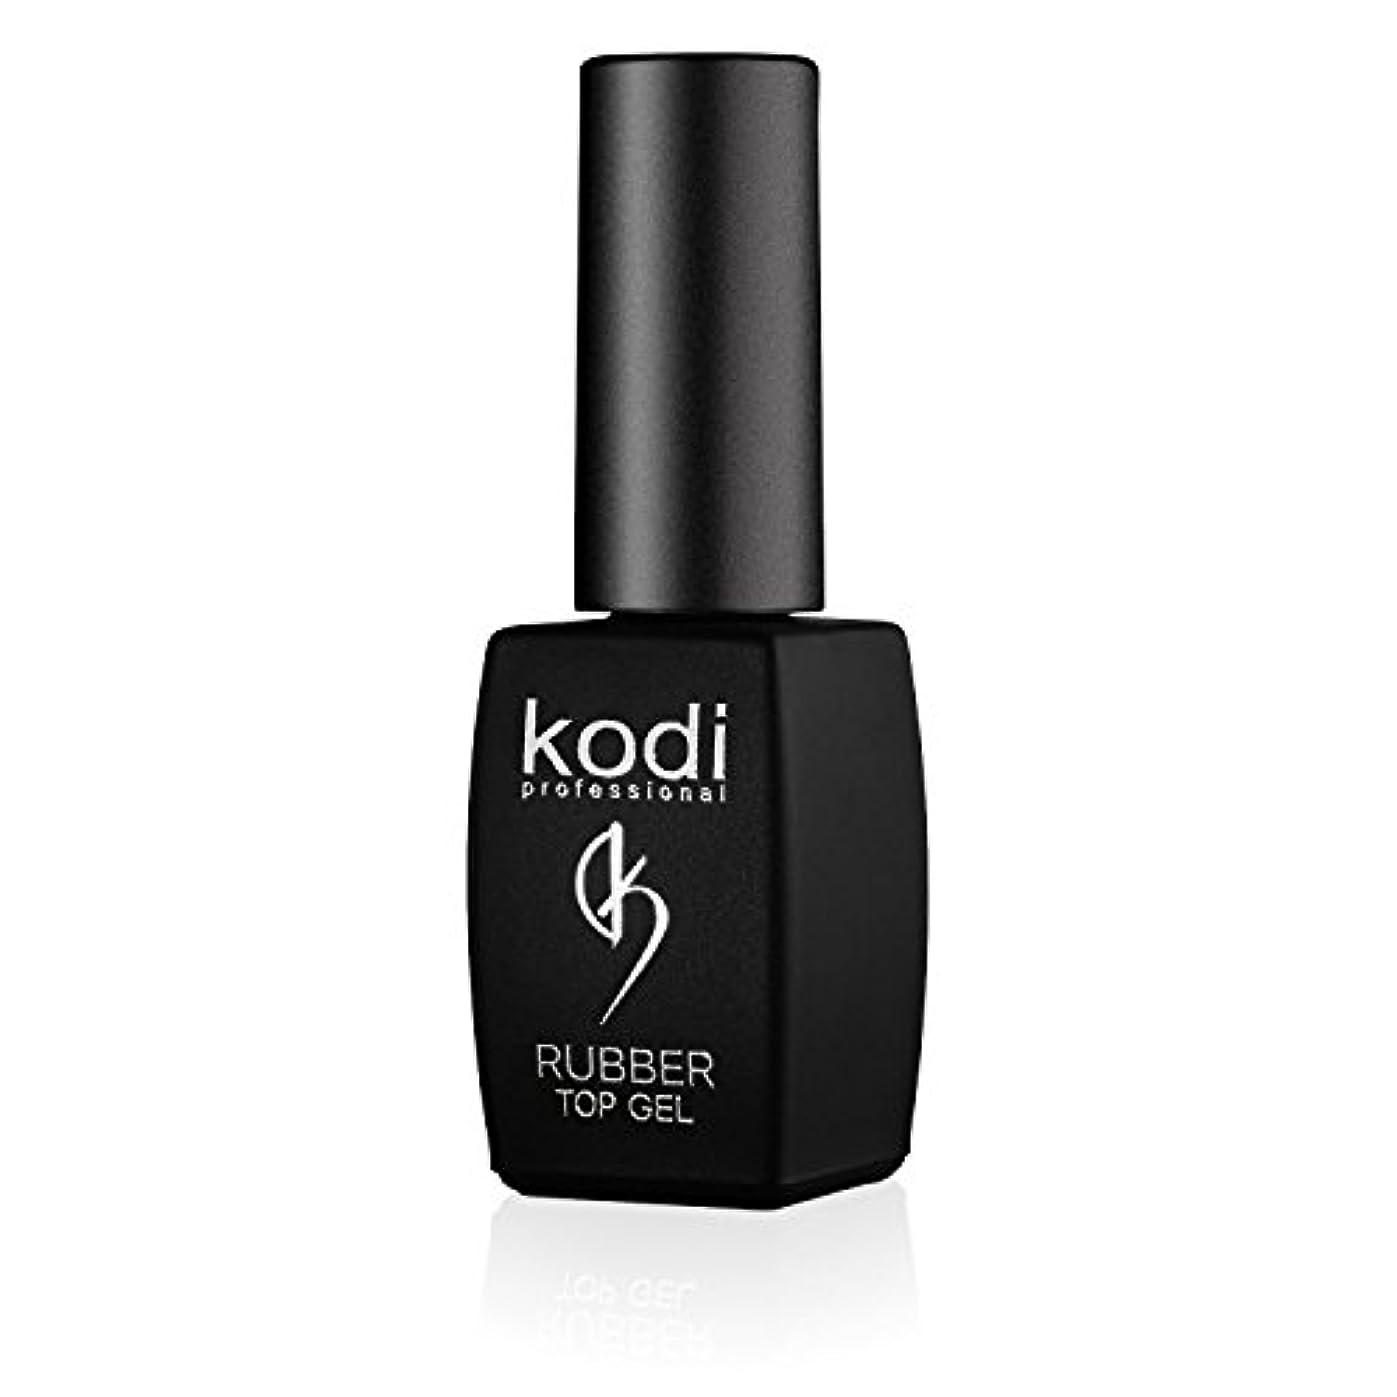 卵ボルト豆Professional Rubber Top Gel By Kodi   8ml 0.27 oz   Soak Off, Polish Fingernails Coat Kit   For Long Lasting Nails...